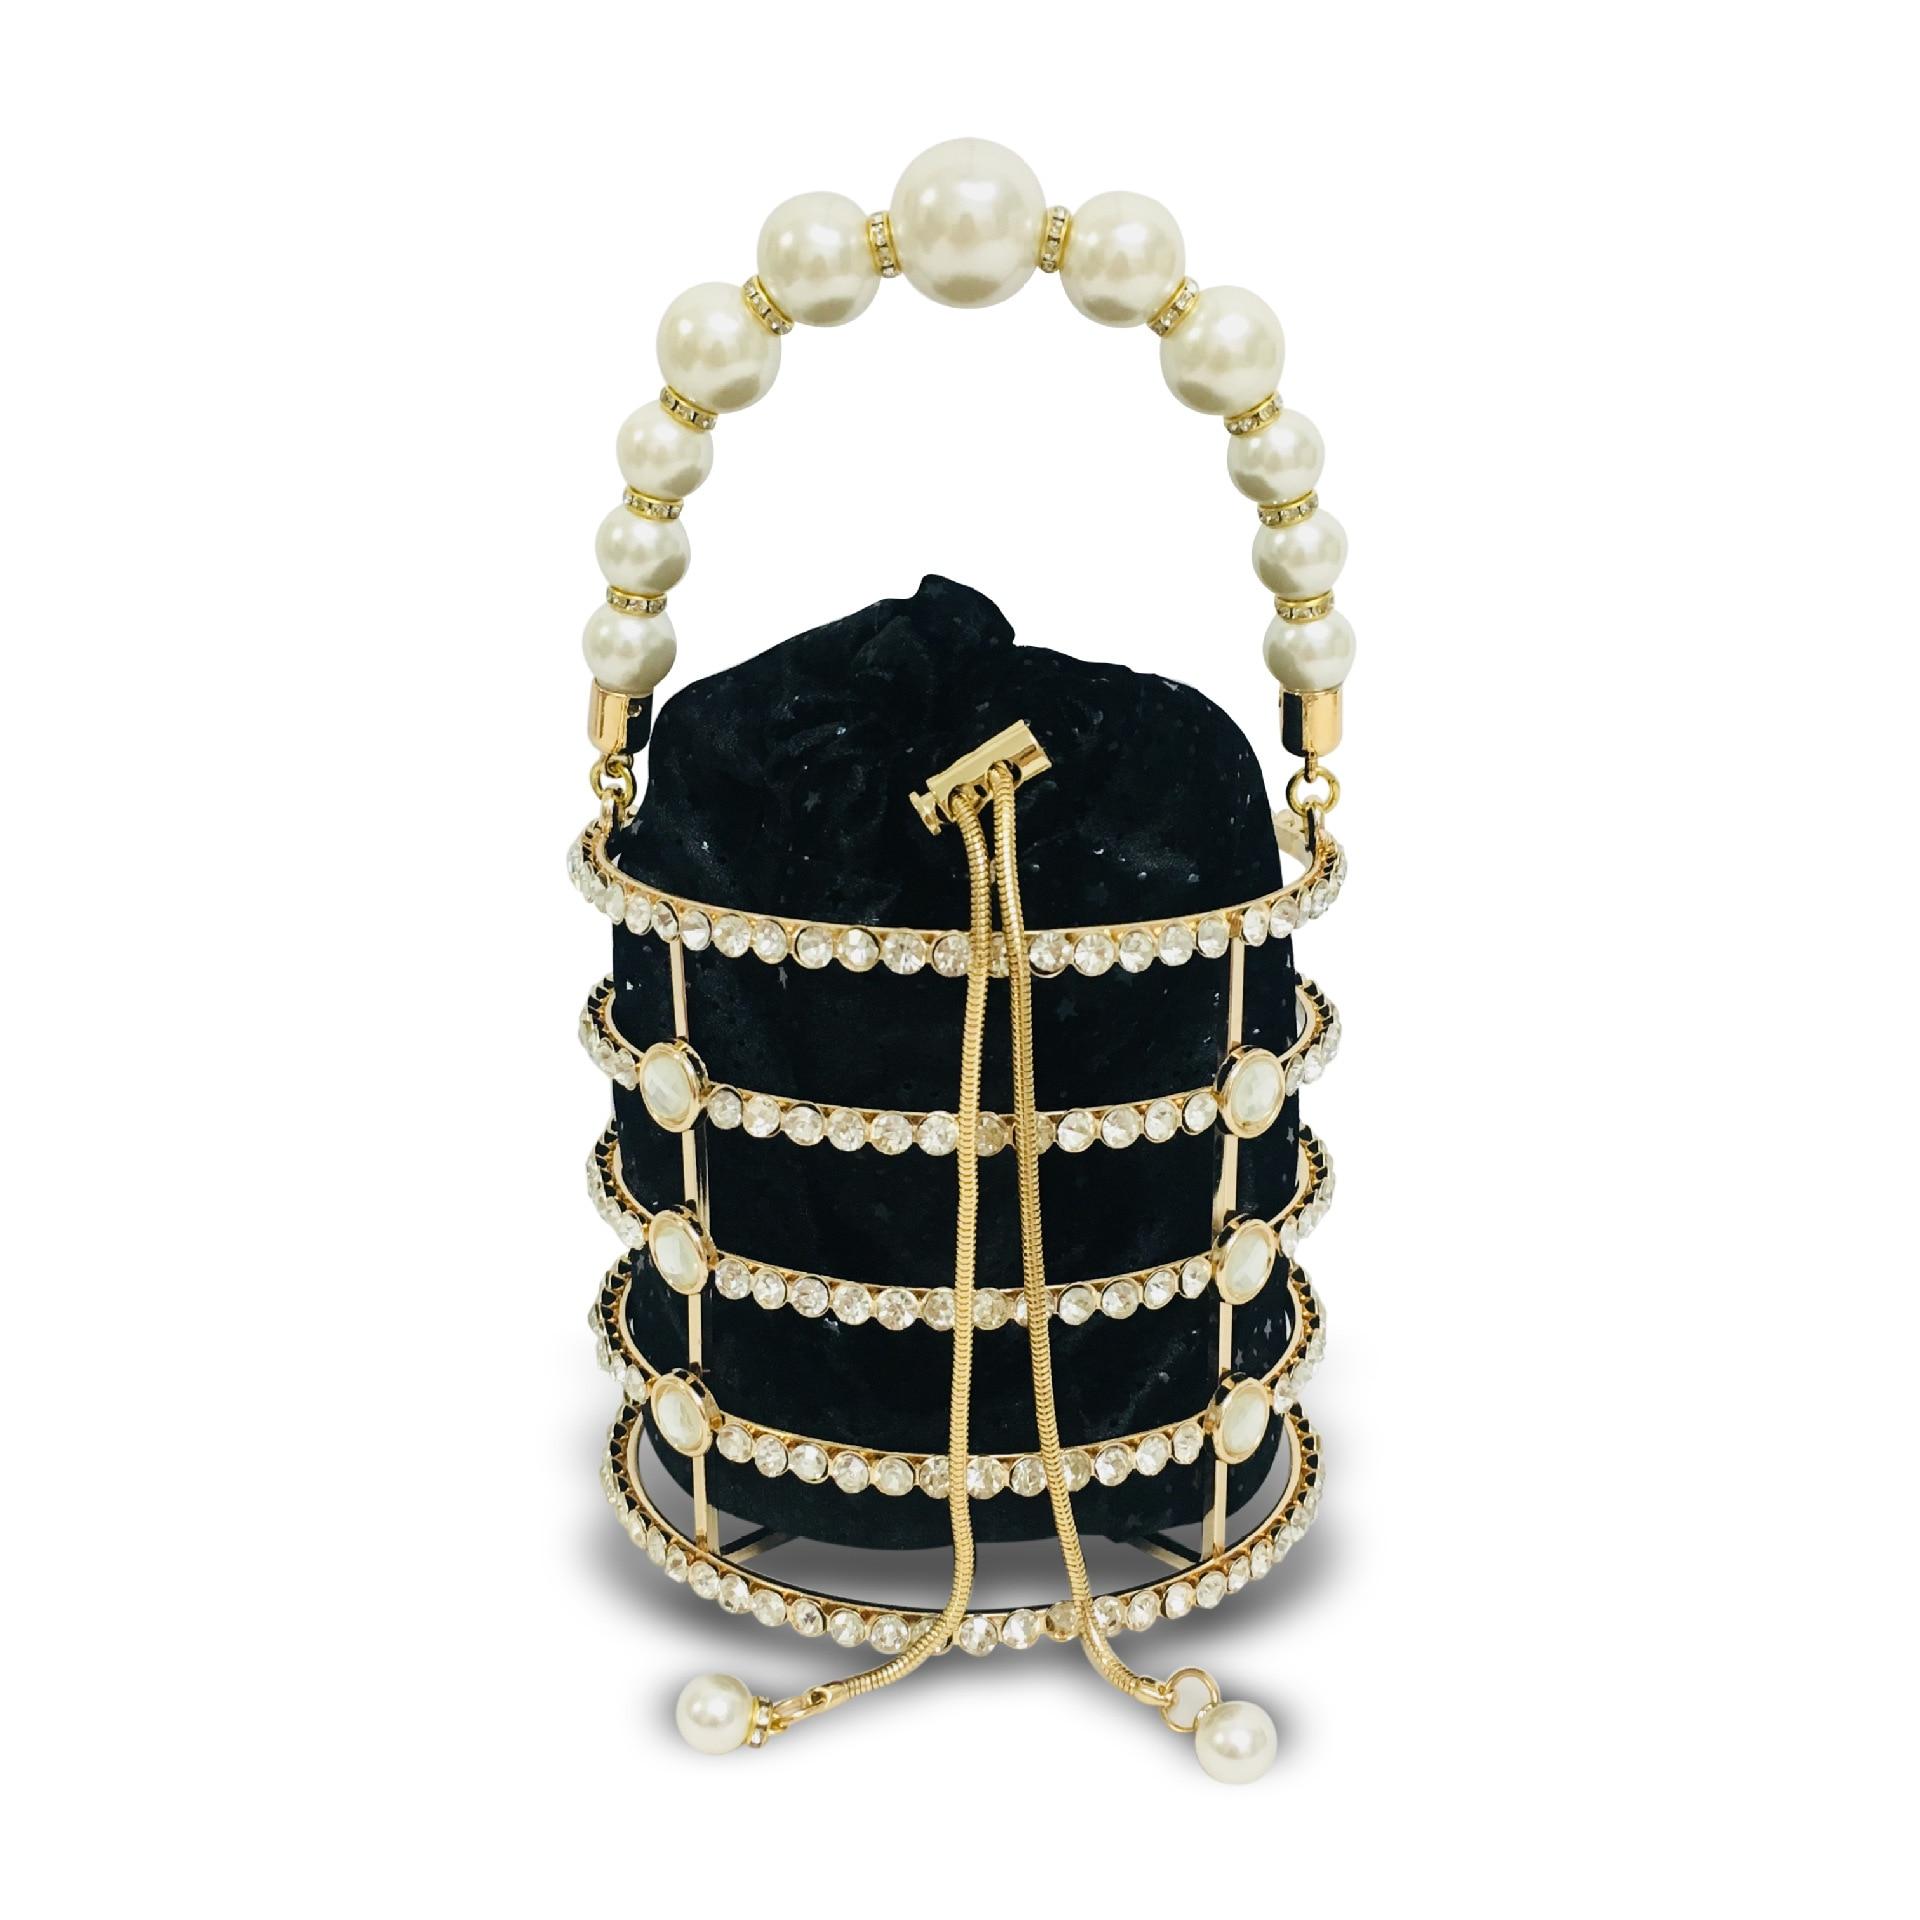 Sac seau mode creux perle sac de soirée 2019 concepteur de luxe coréen à la main en alliage métallique pochette dames sacs à bandoulière